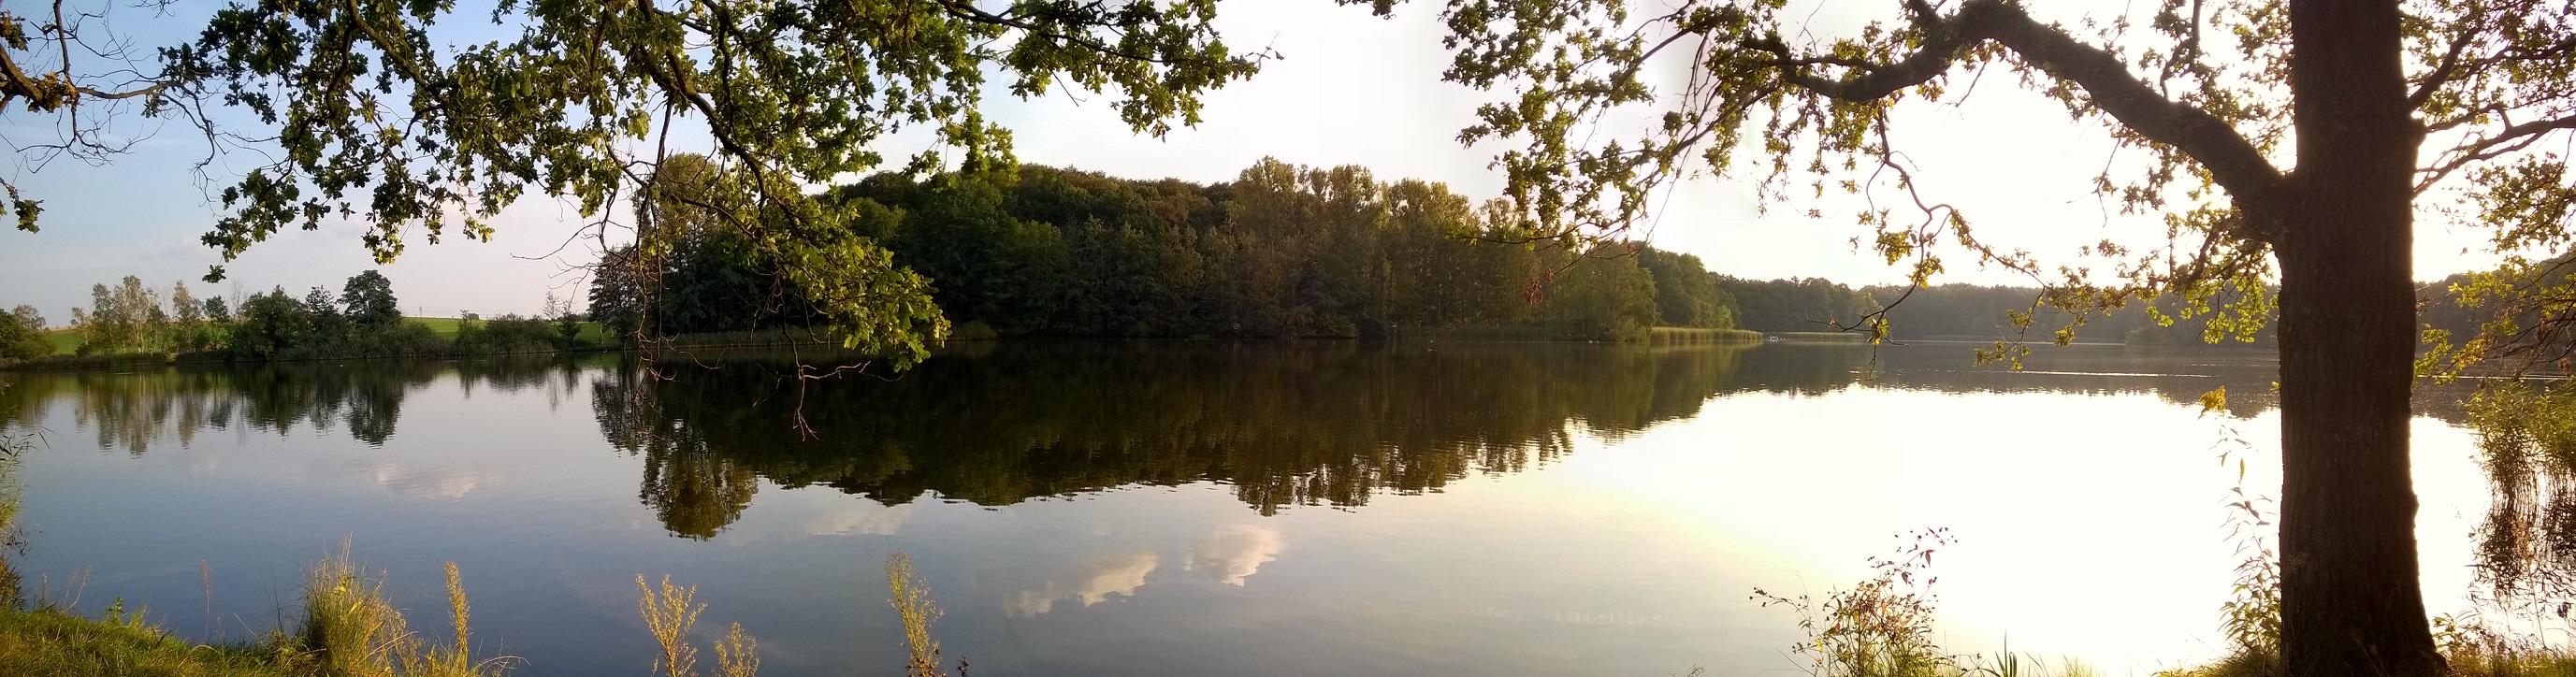 niederer Waldteich bei Dresden im Sonnenuntergang